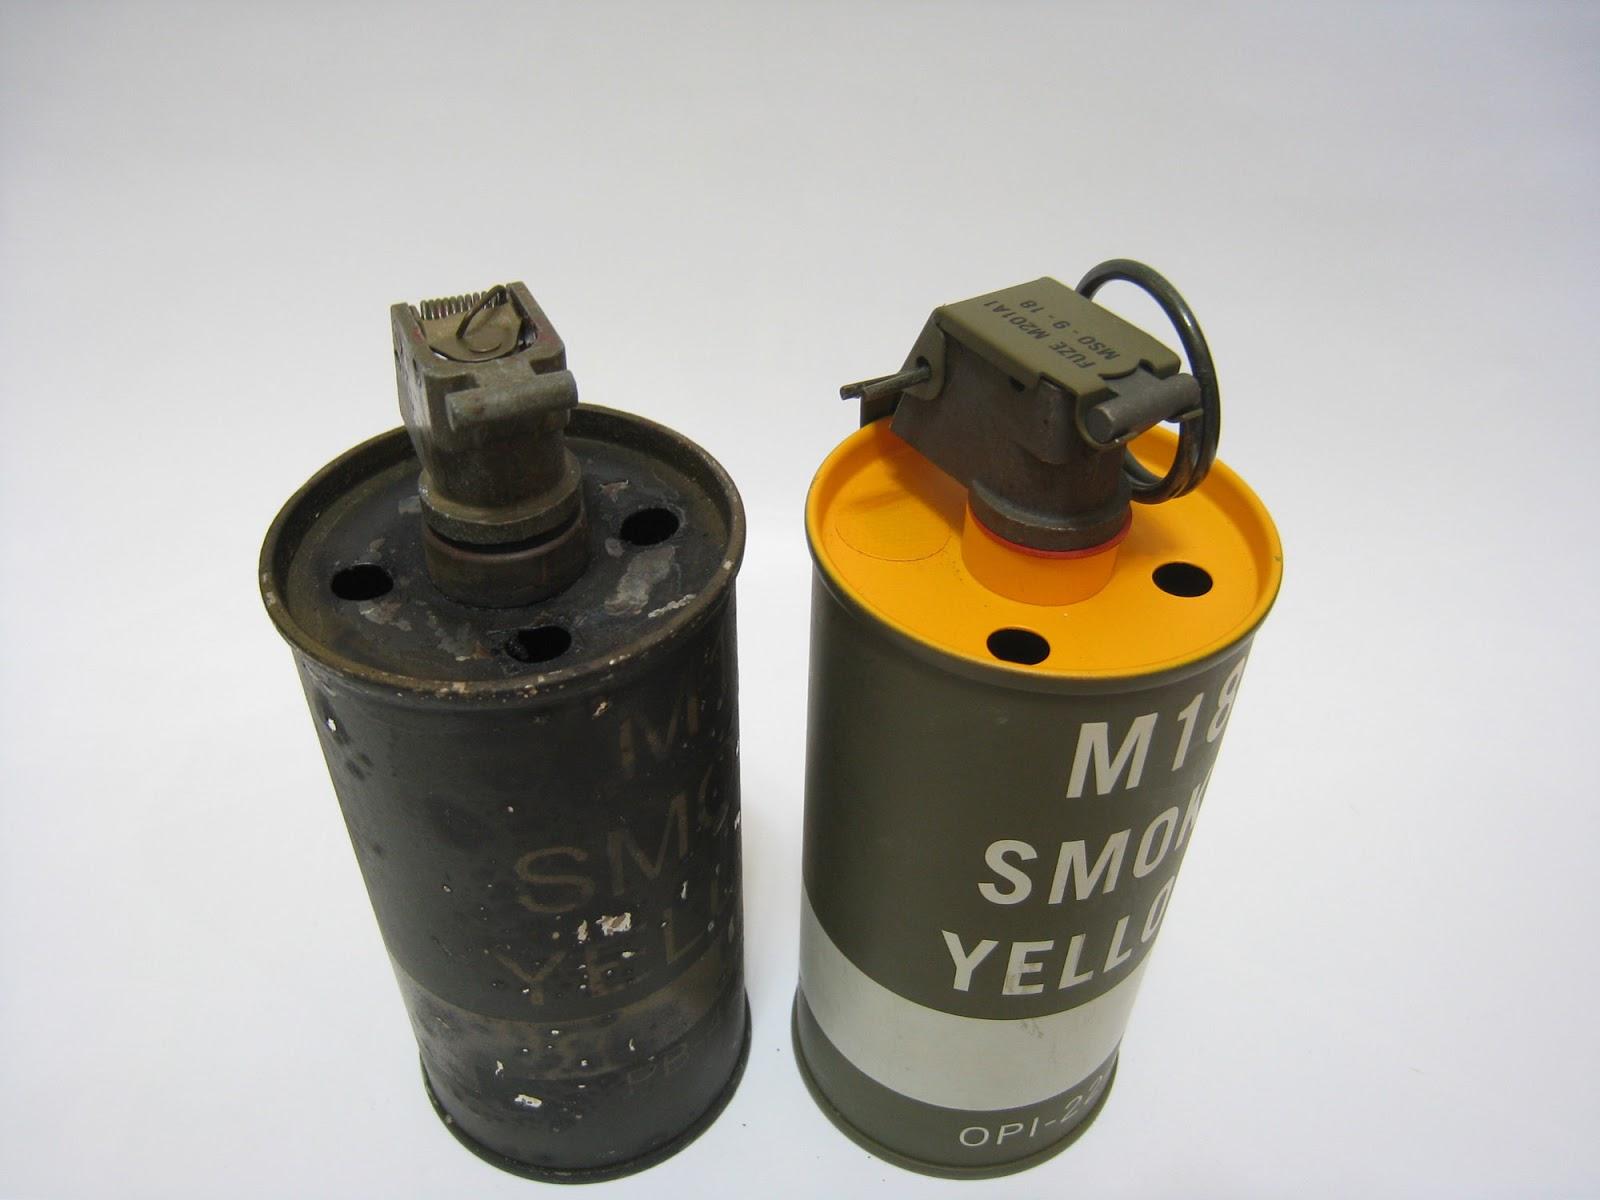 SAIGON LOGISTICAL: ORIGINAL & REPLICA - M18 SMOKE GRENADE